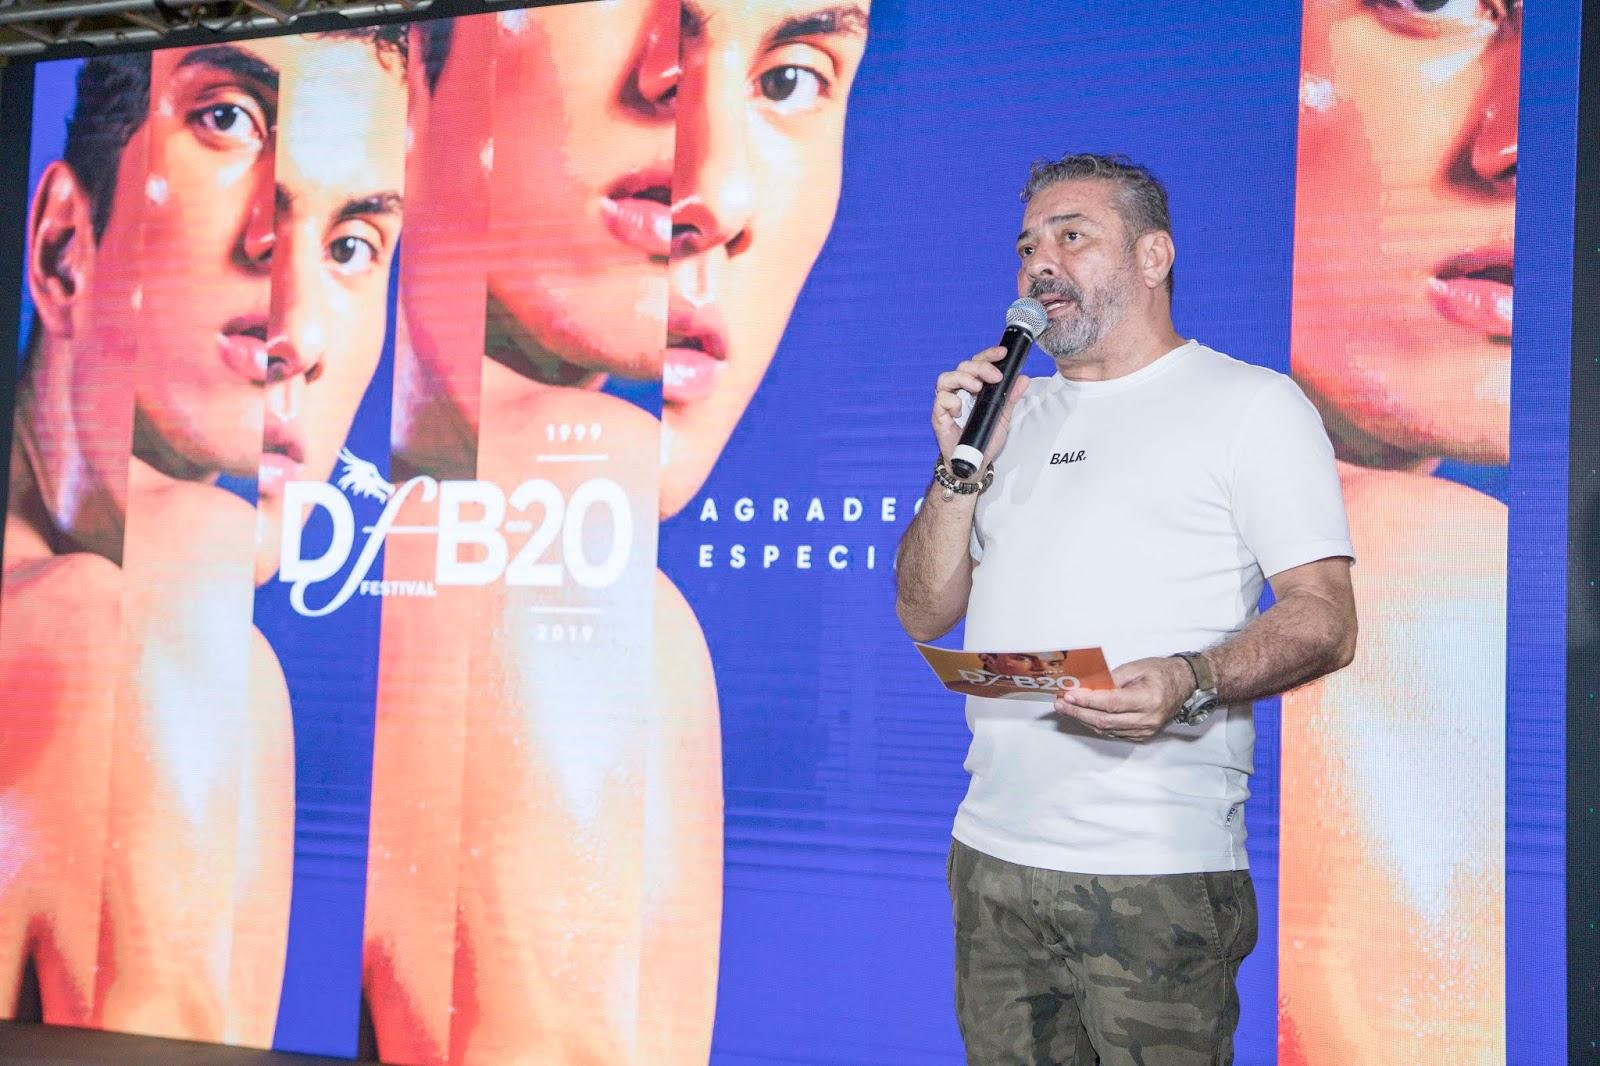 5c118e2ad A uma semana do maior evento de moda autoral da América Latina, o DFB  Festival 2019 recebeu nesta quarta-feira (8) convidados para o lançamento  da edição ...